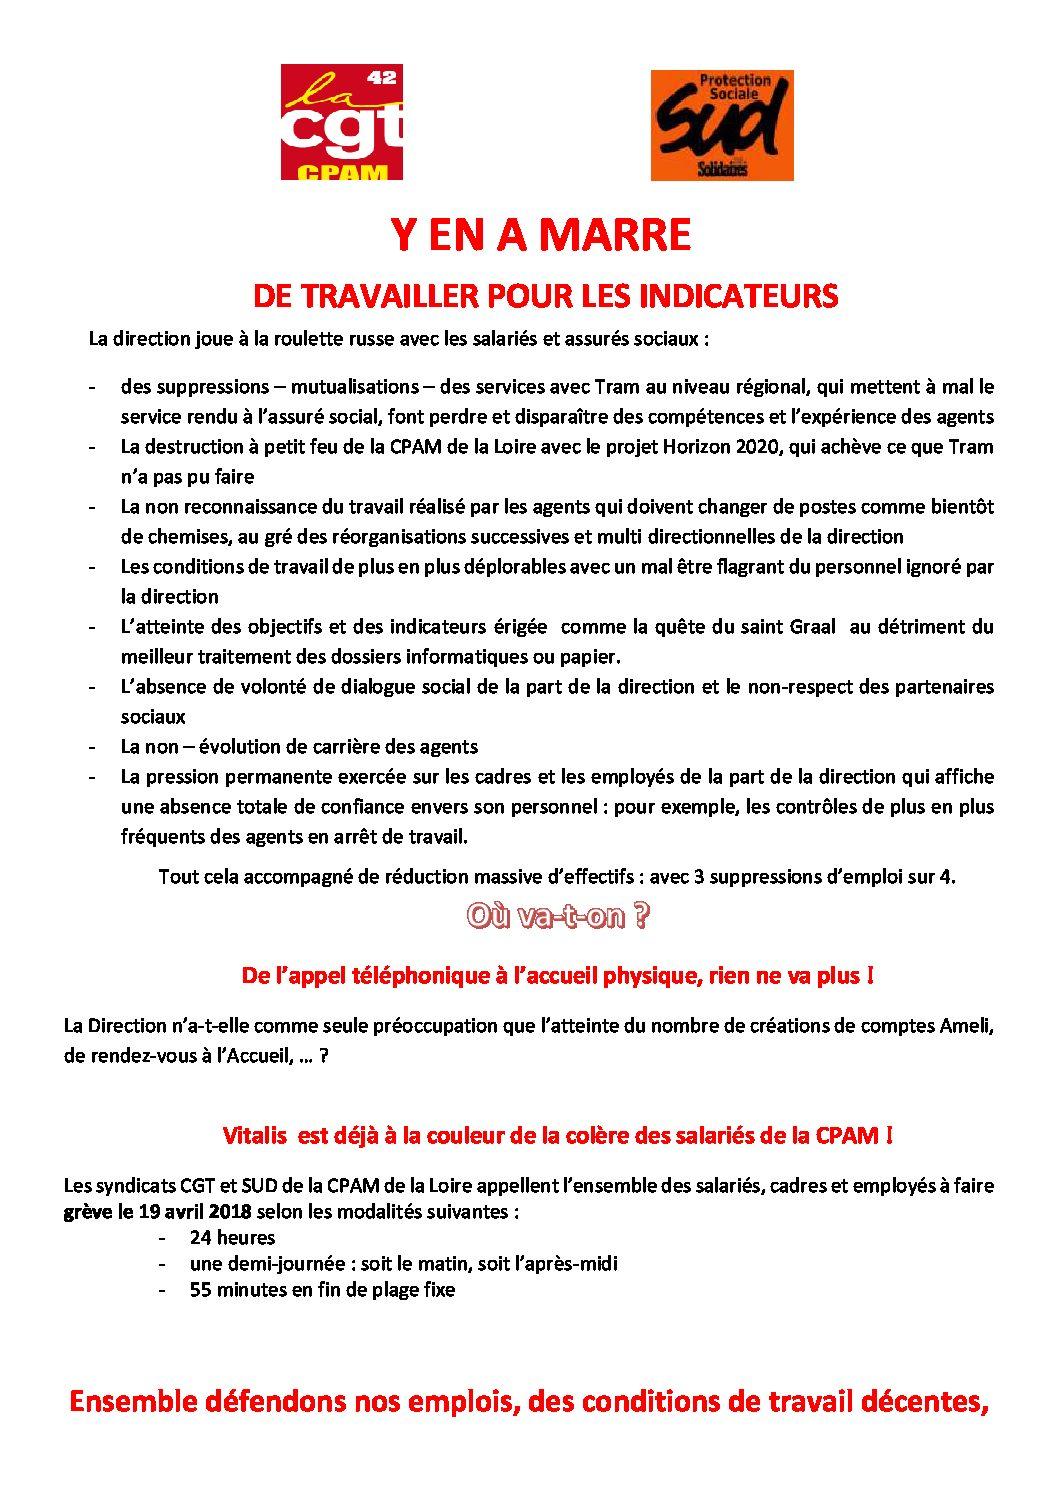 Appel pour le 19 avril à la CPAM de la Loire